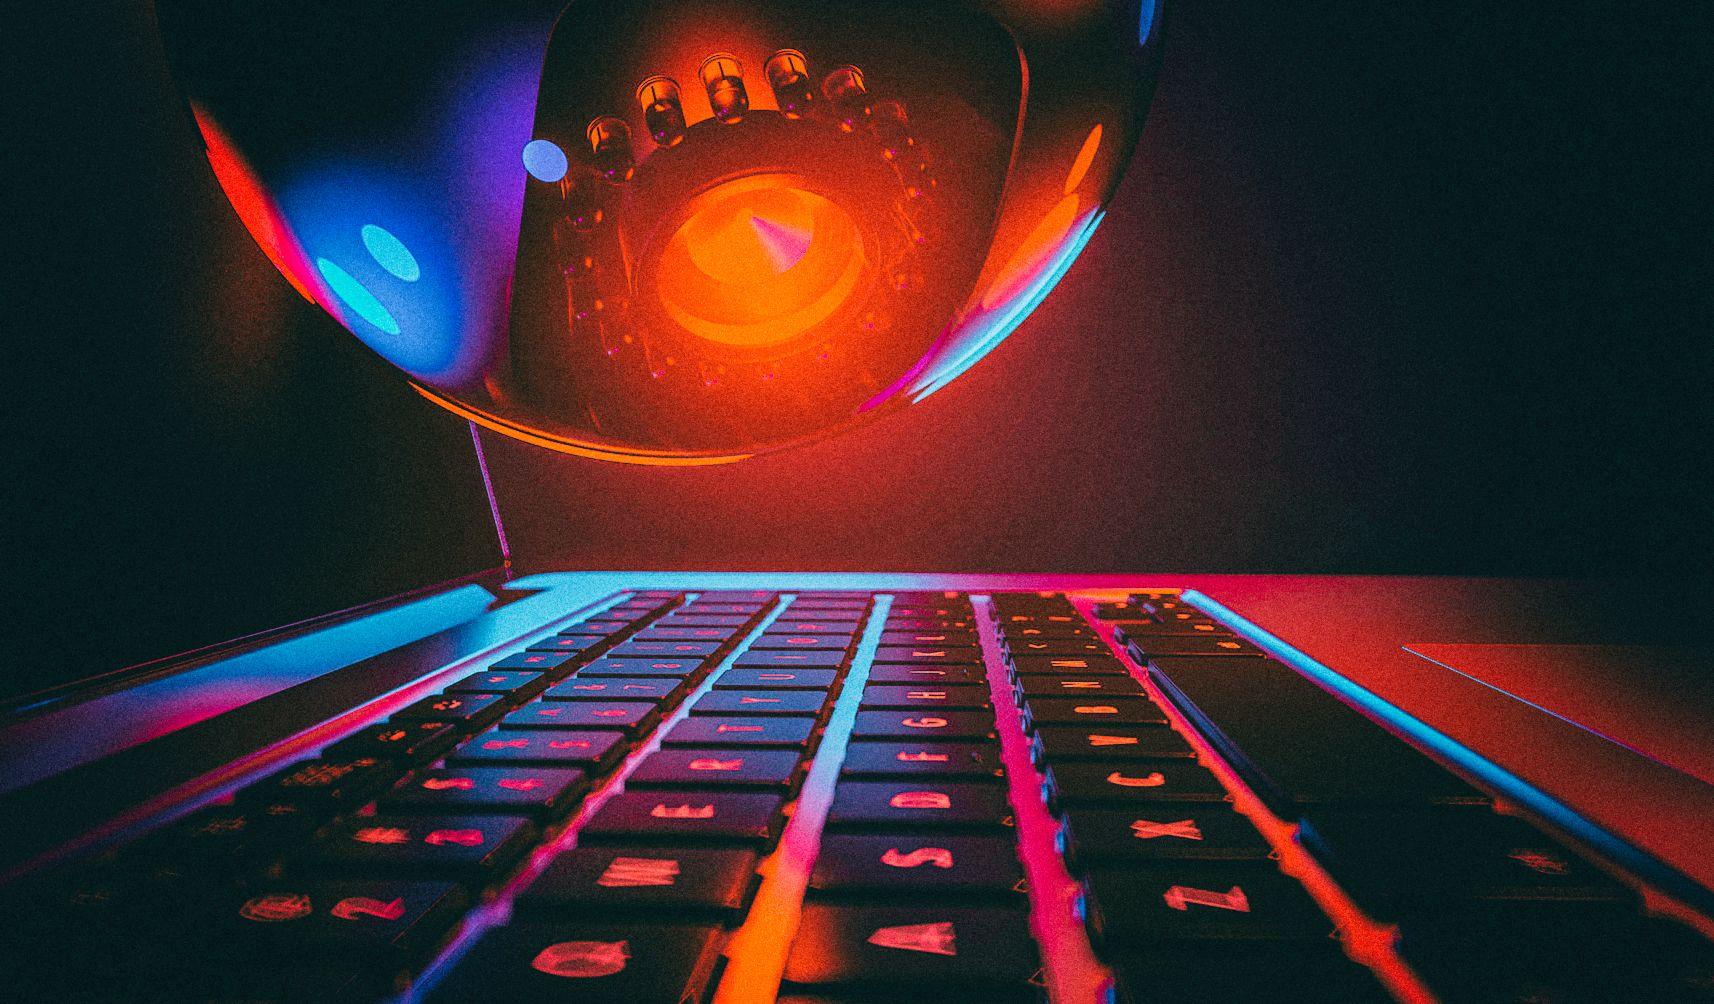 Check Point: в феврале троян Trickbot впервые стал самой опасной угрозой в мире